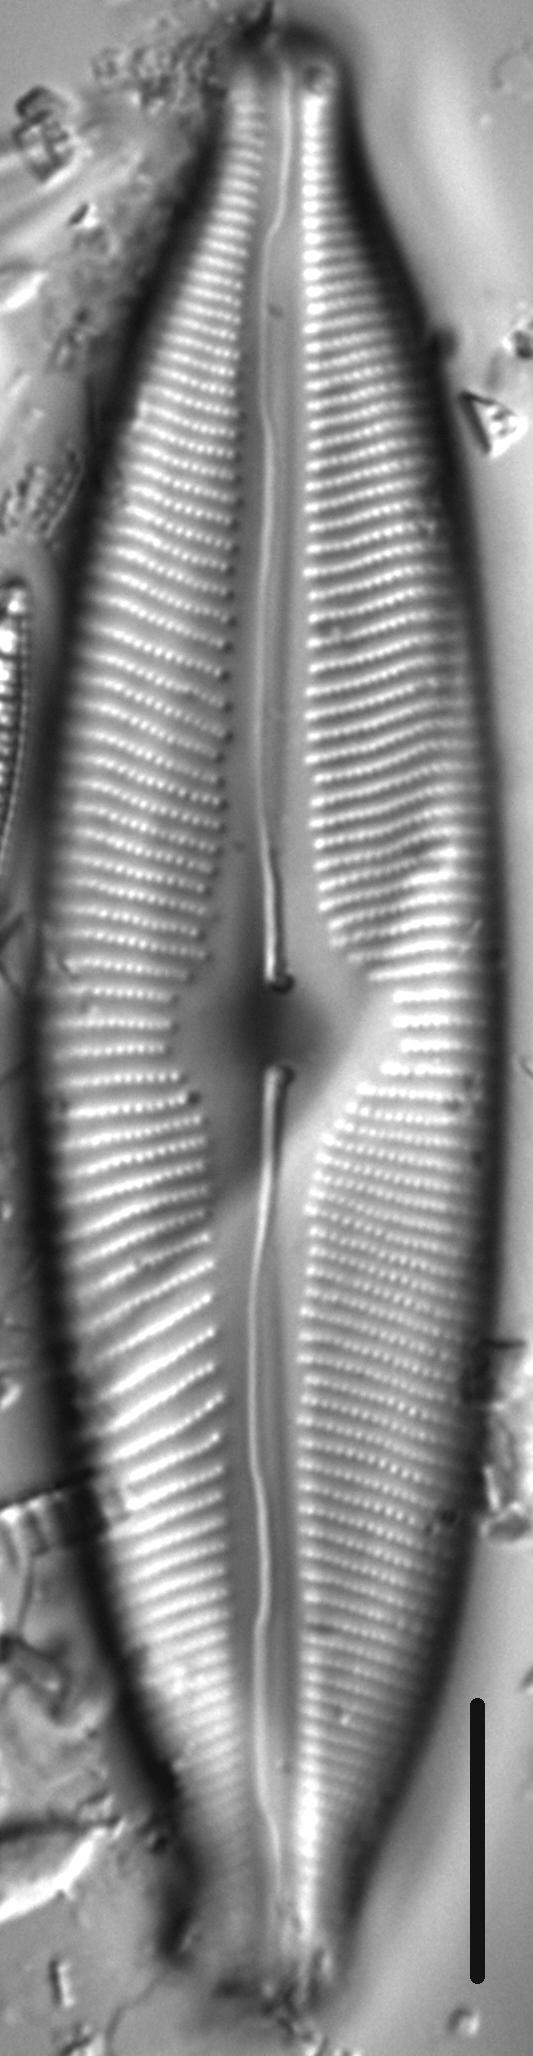 Cymbopleura tynnii LM1